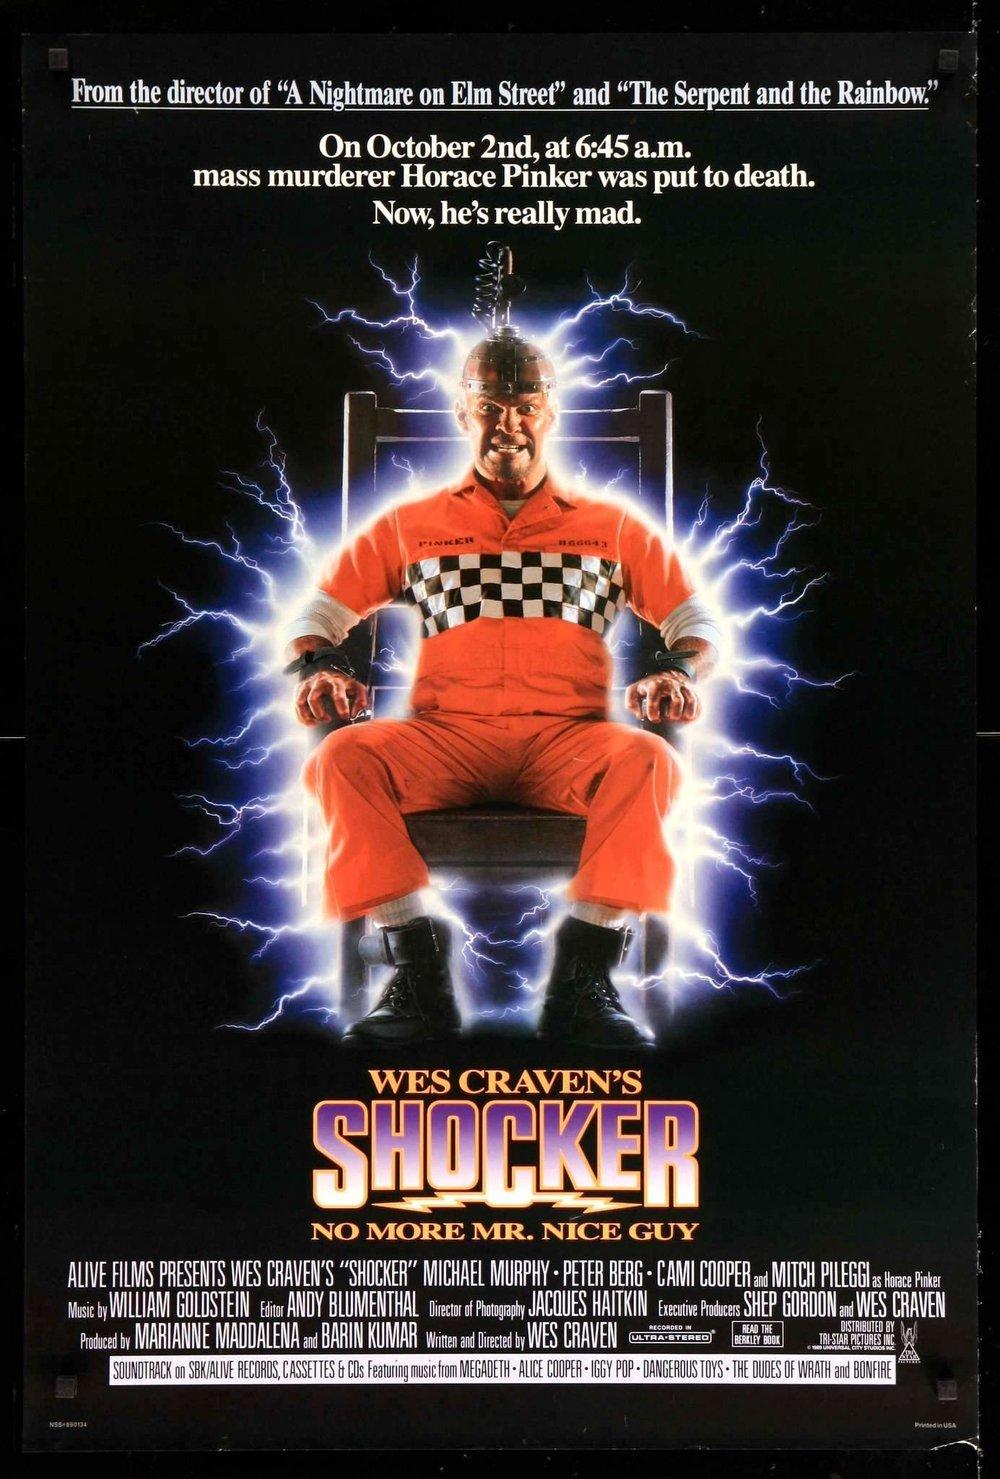 shocker poster.jpg